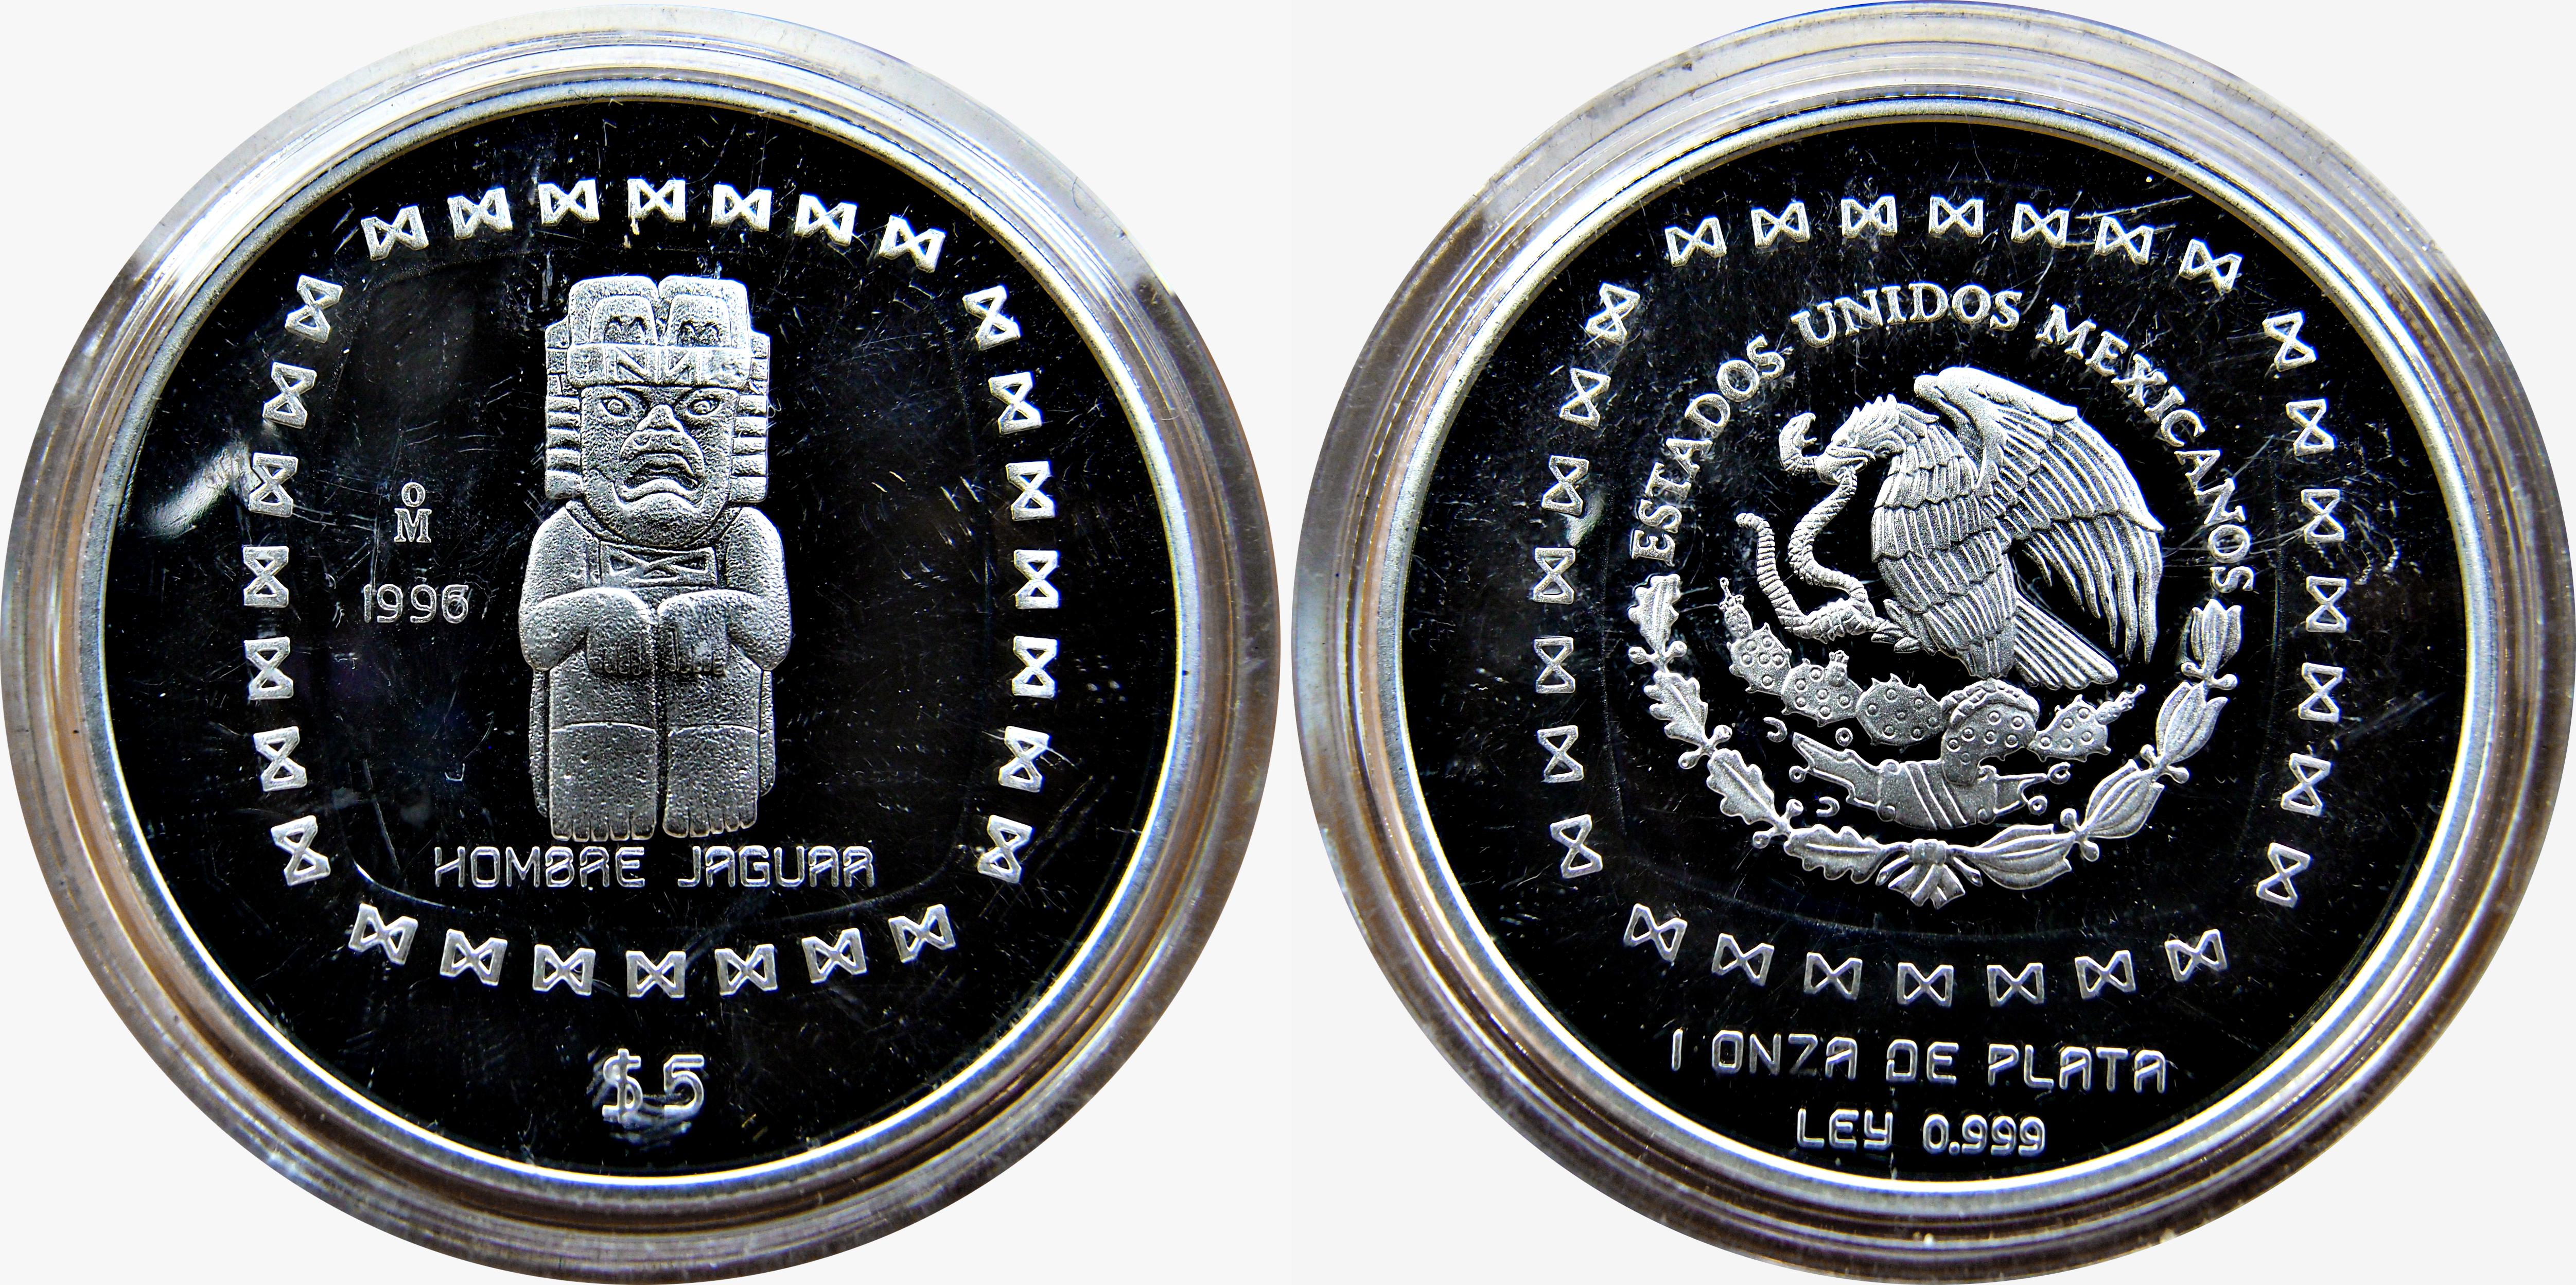 Colección Precolombina de onzas de plata del Banco de Mexico 12124238004_507a30b83f_o